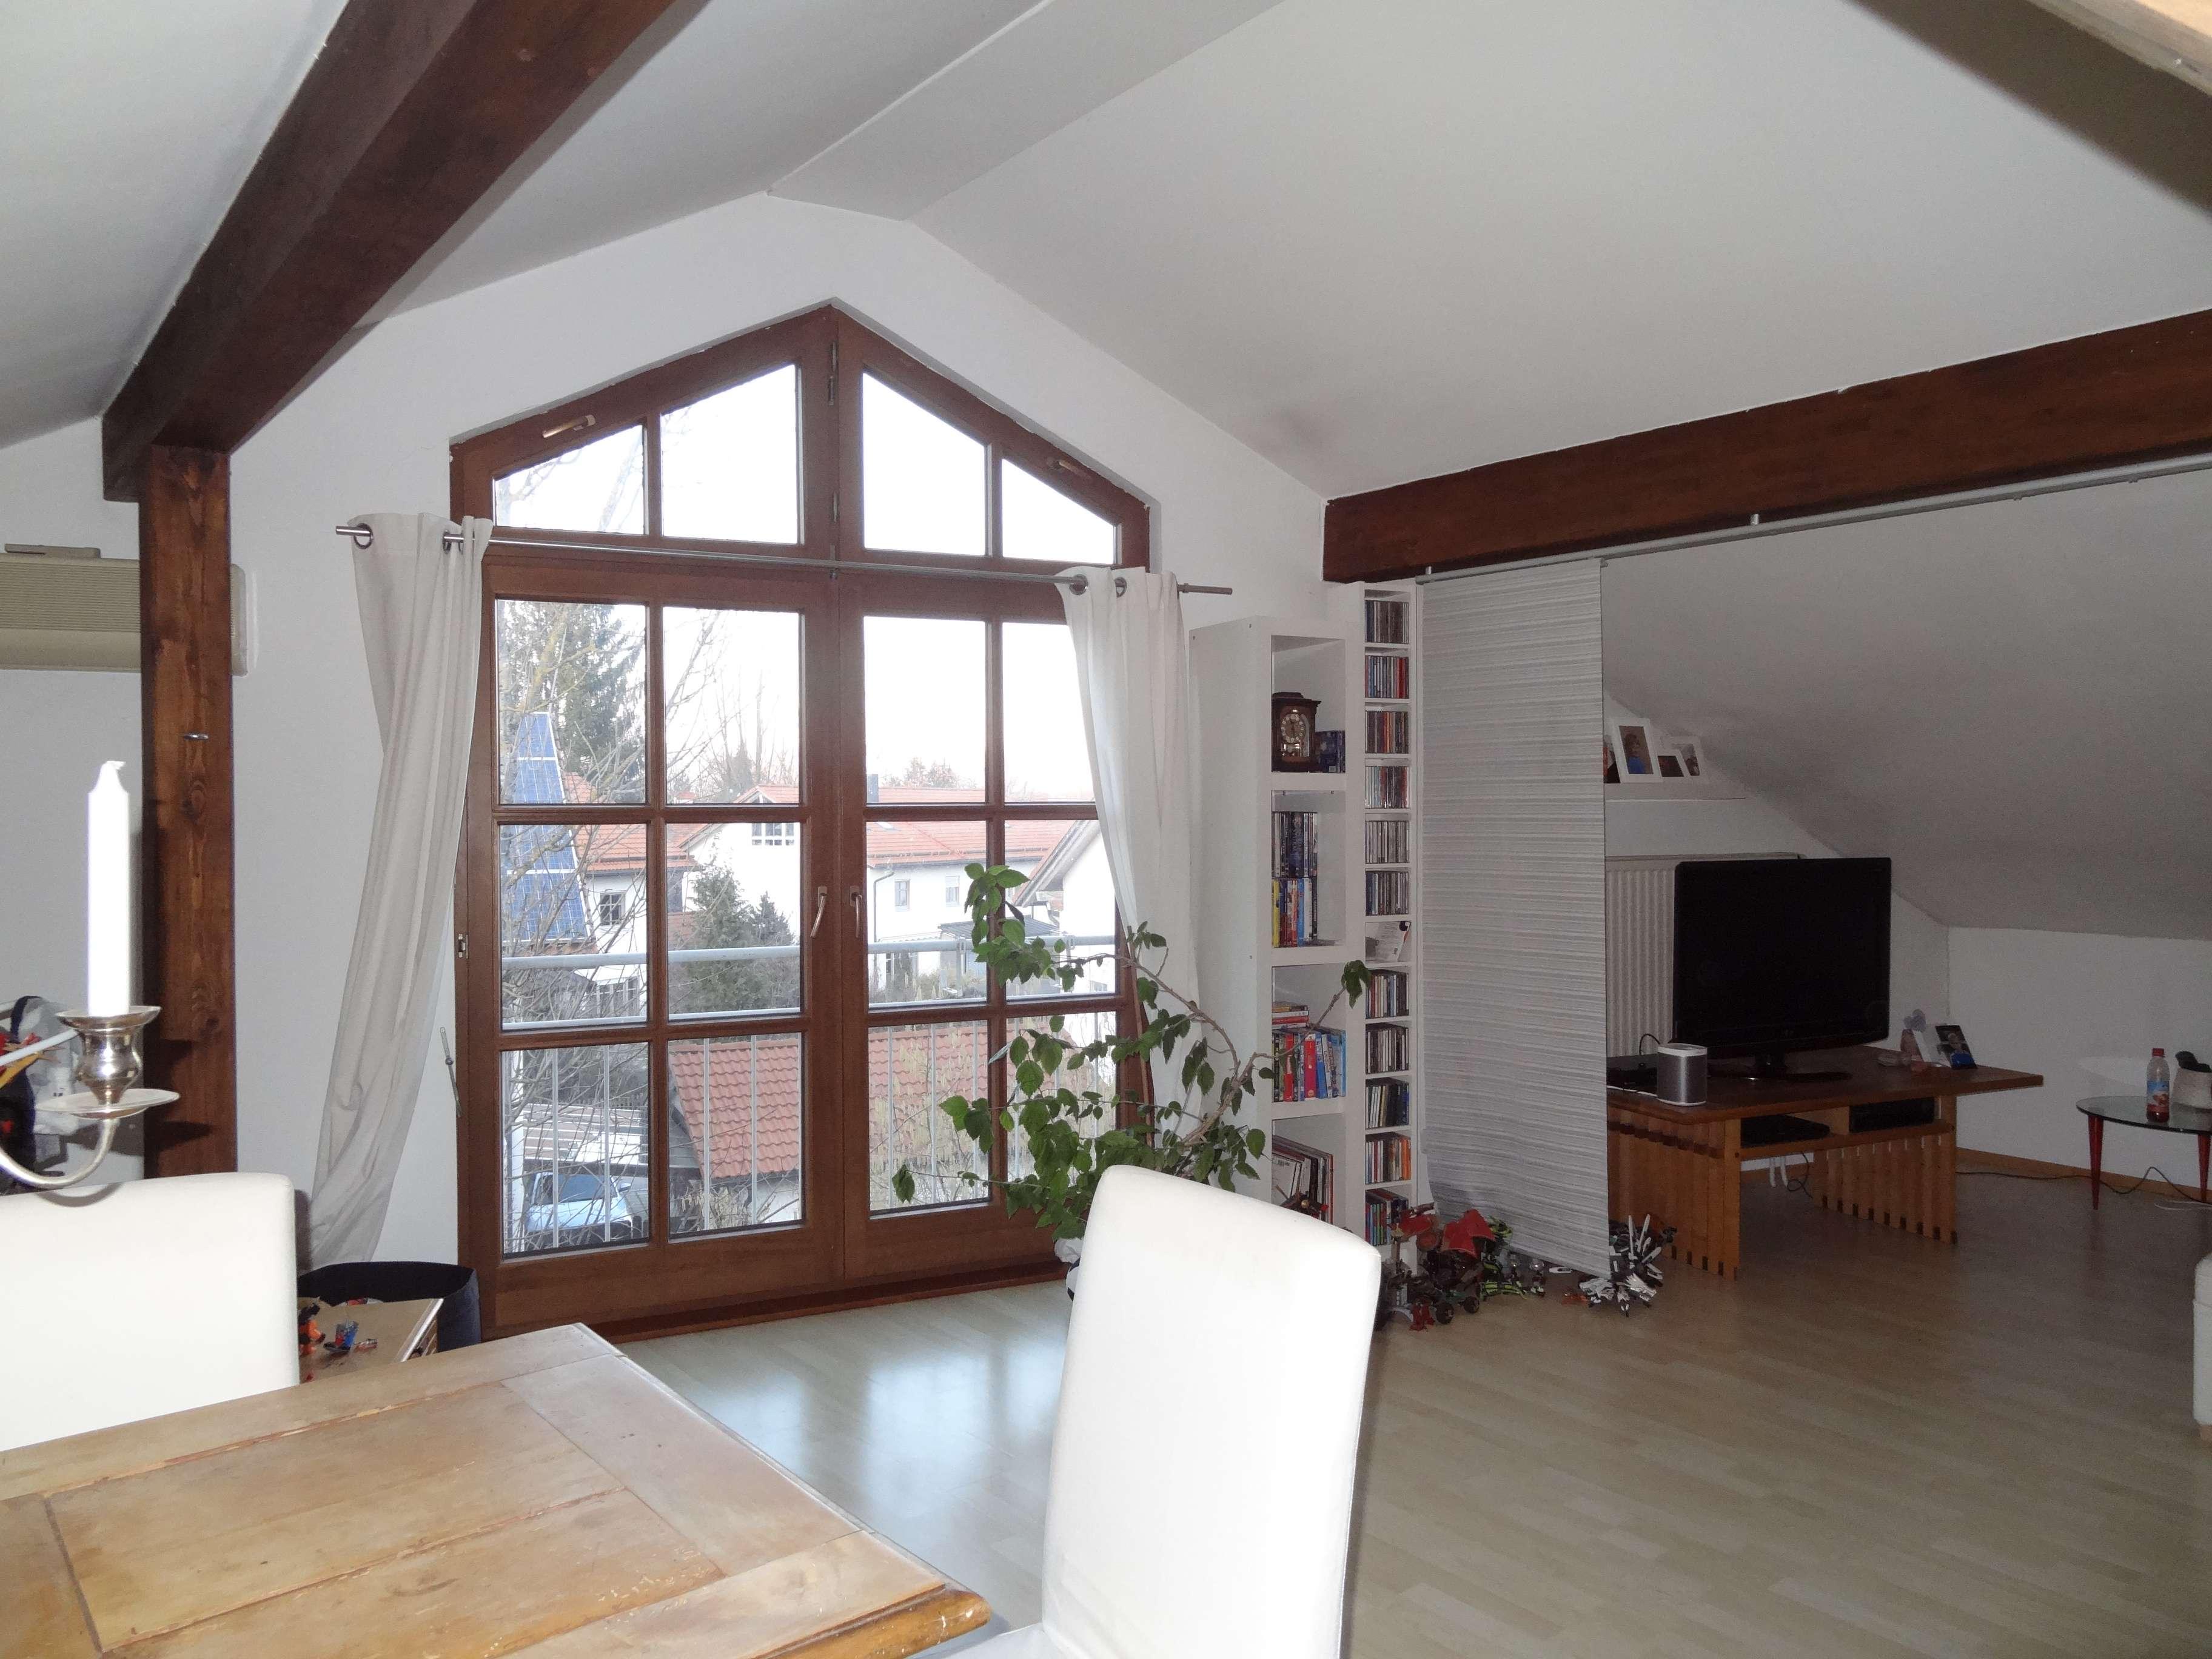 Sehr schöne ruhige DG-Wohnung od. Büro in Oberhaching